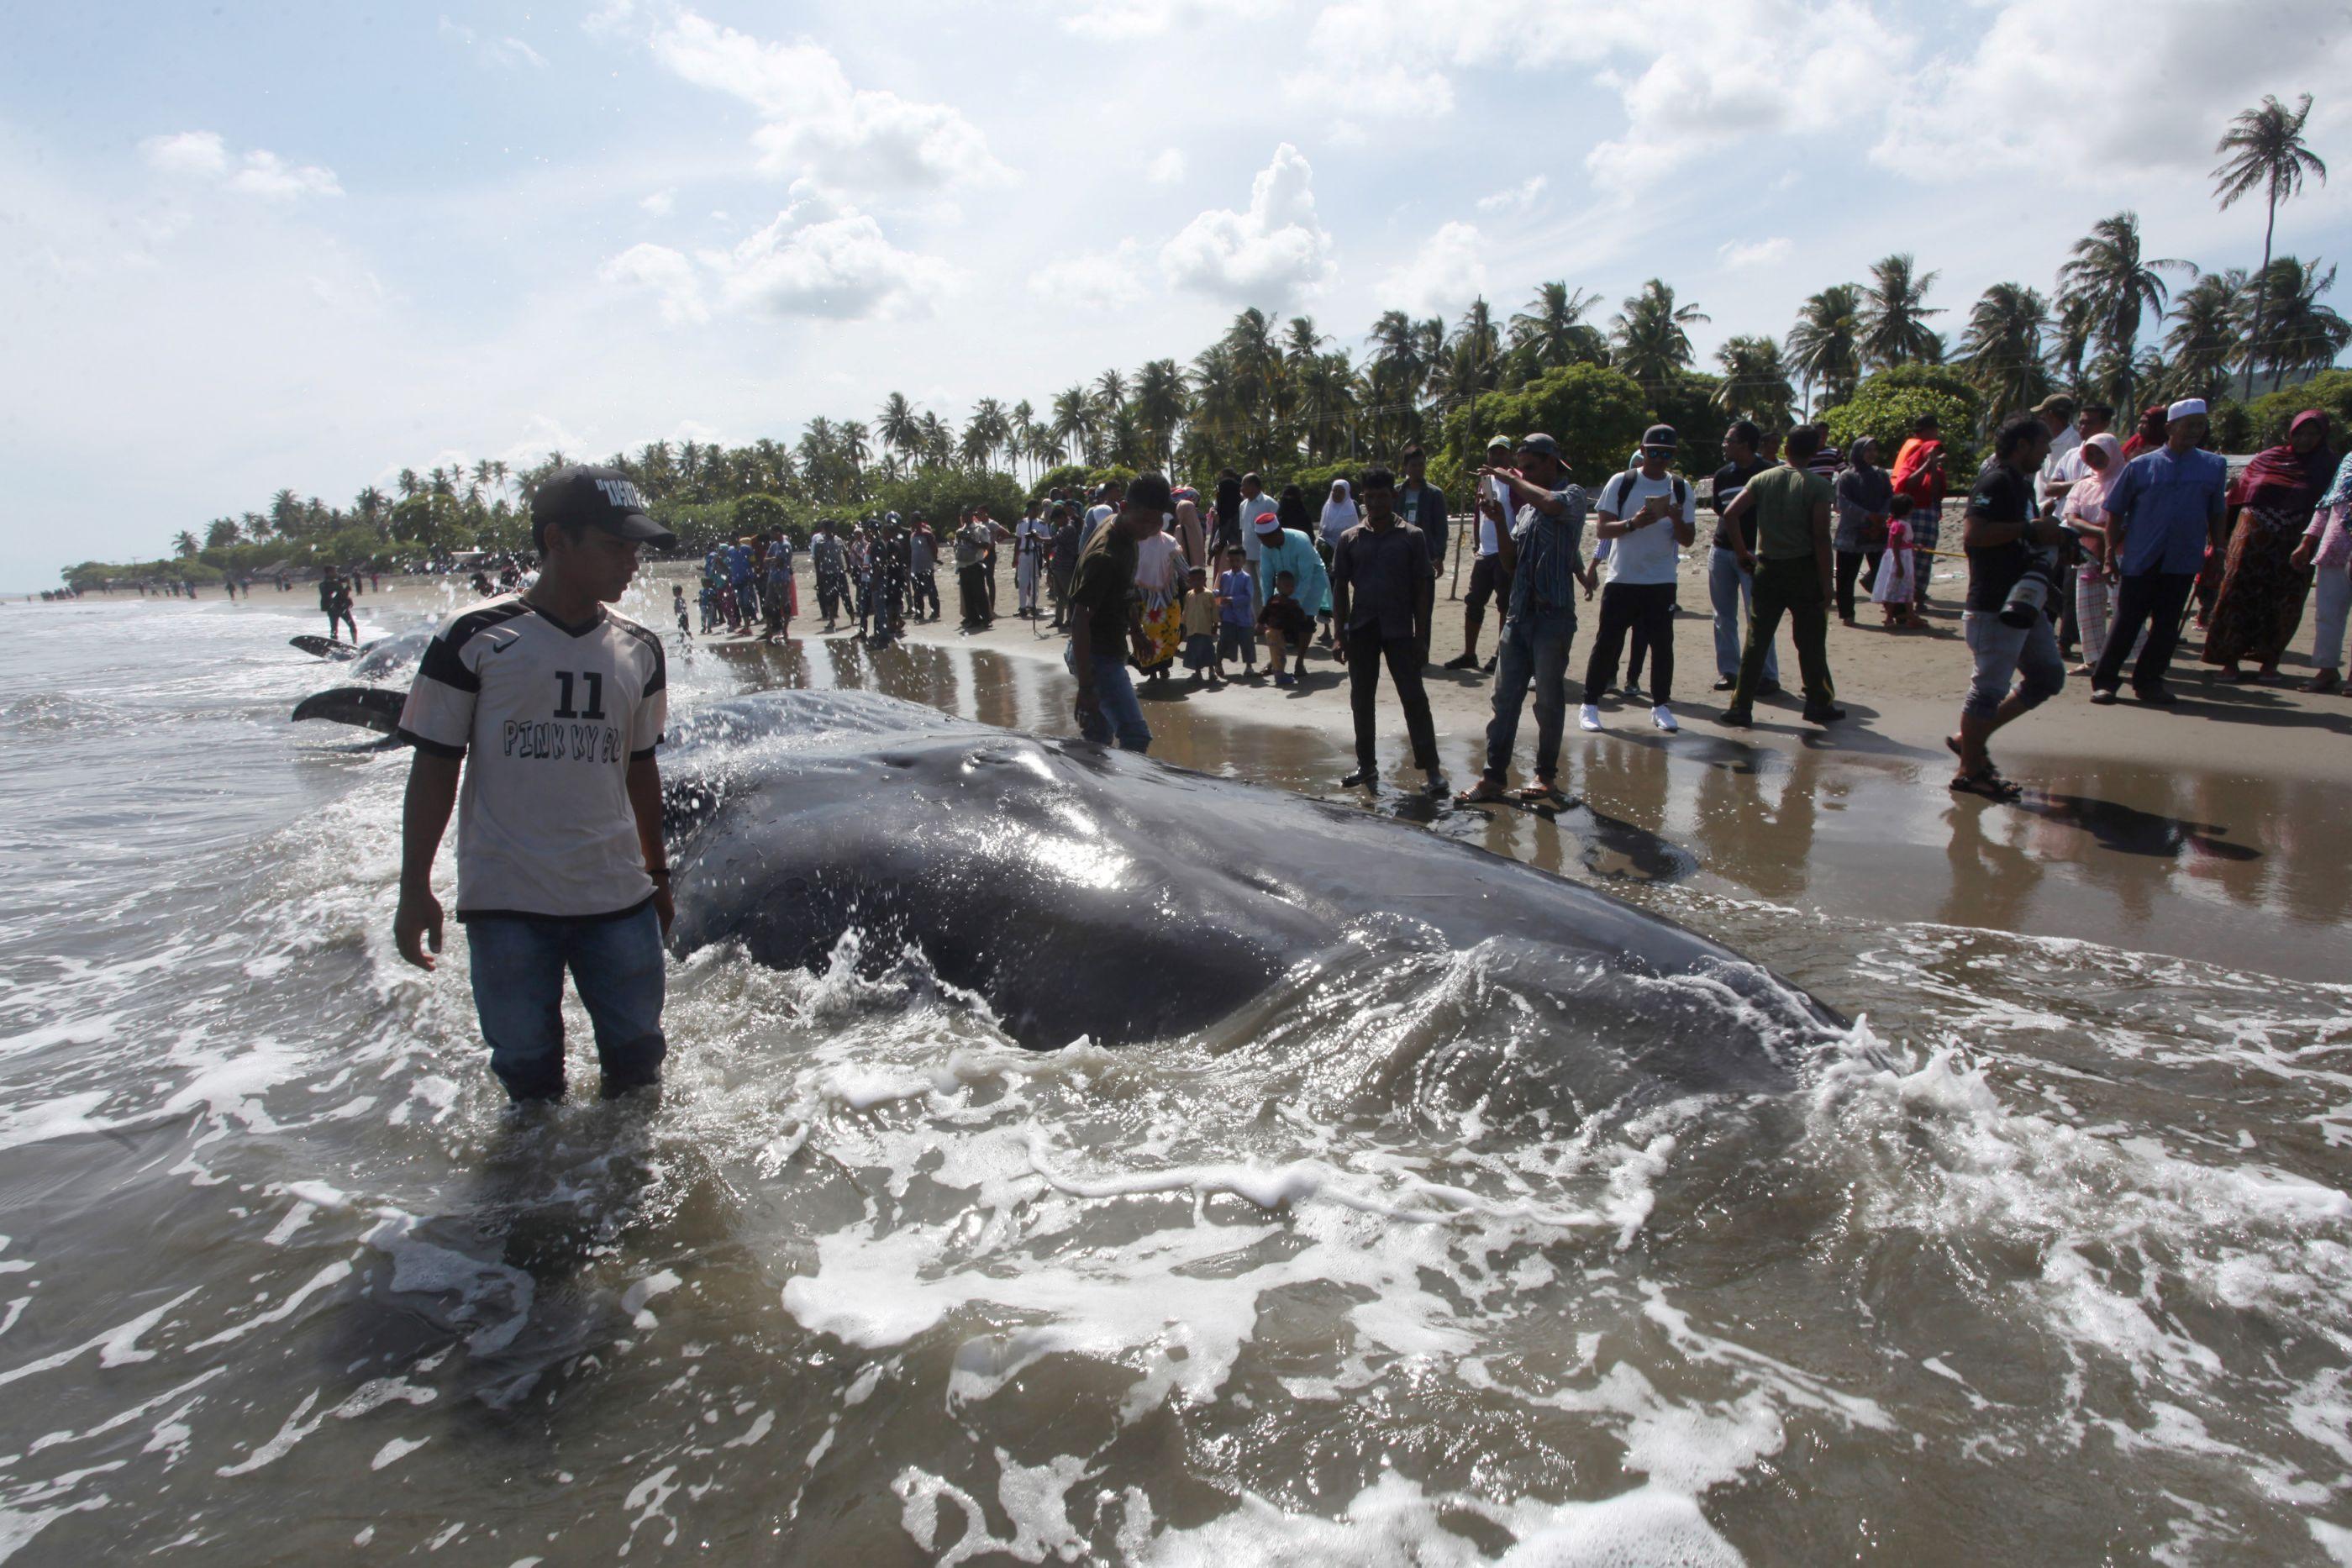 Baleia é encontrada morta com 6kg de plástico no estômago